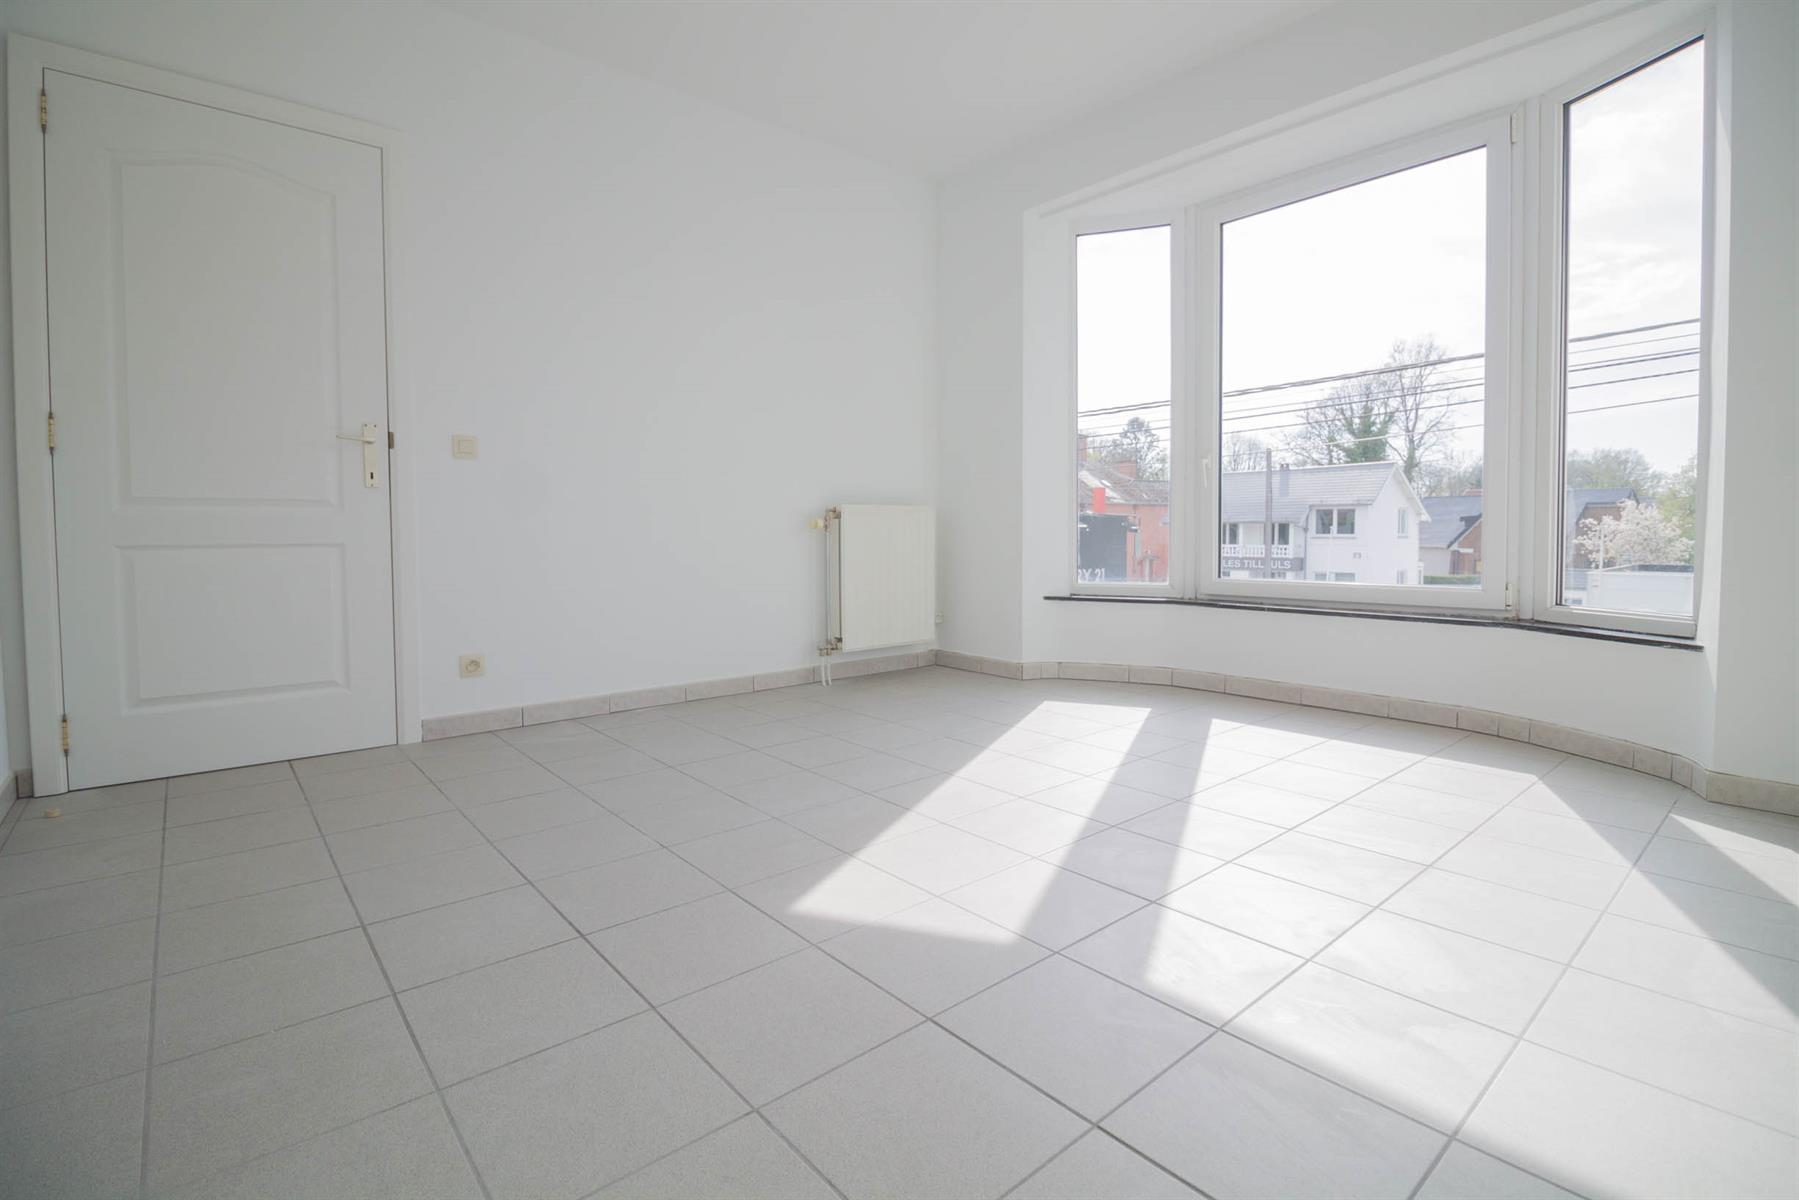 Appartement - Montigny-le-Tilleul - #4349715-8